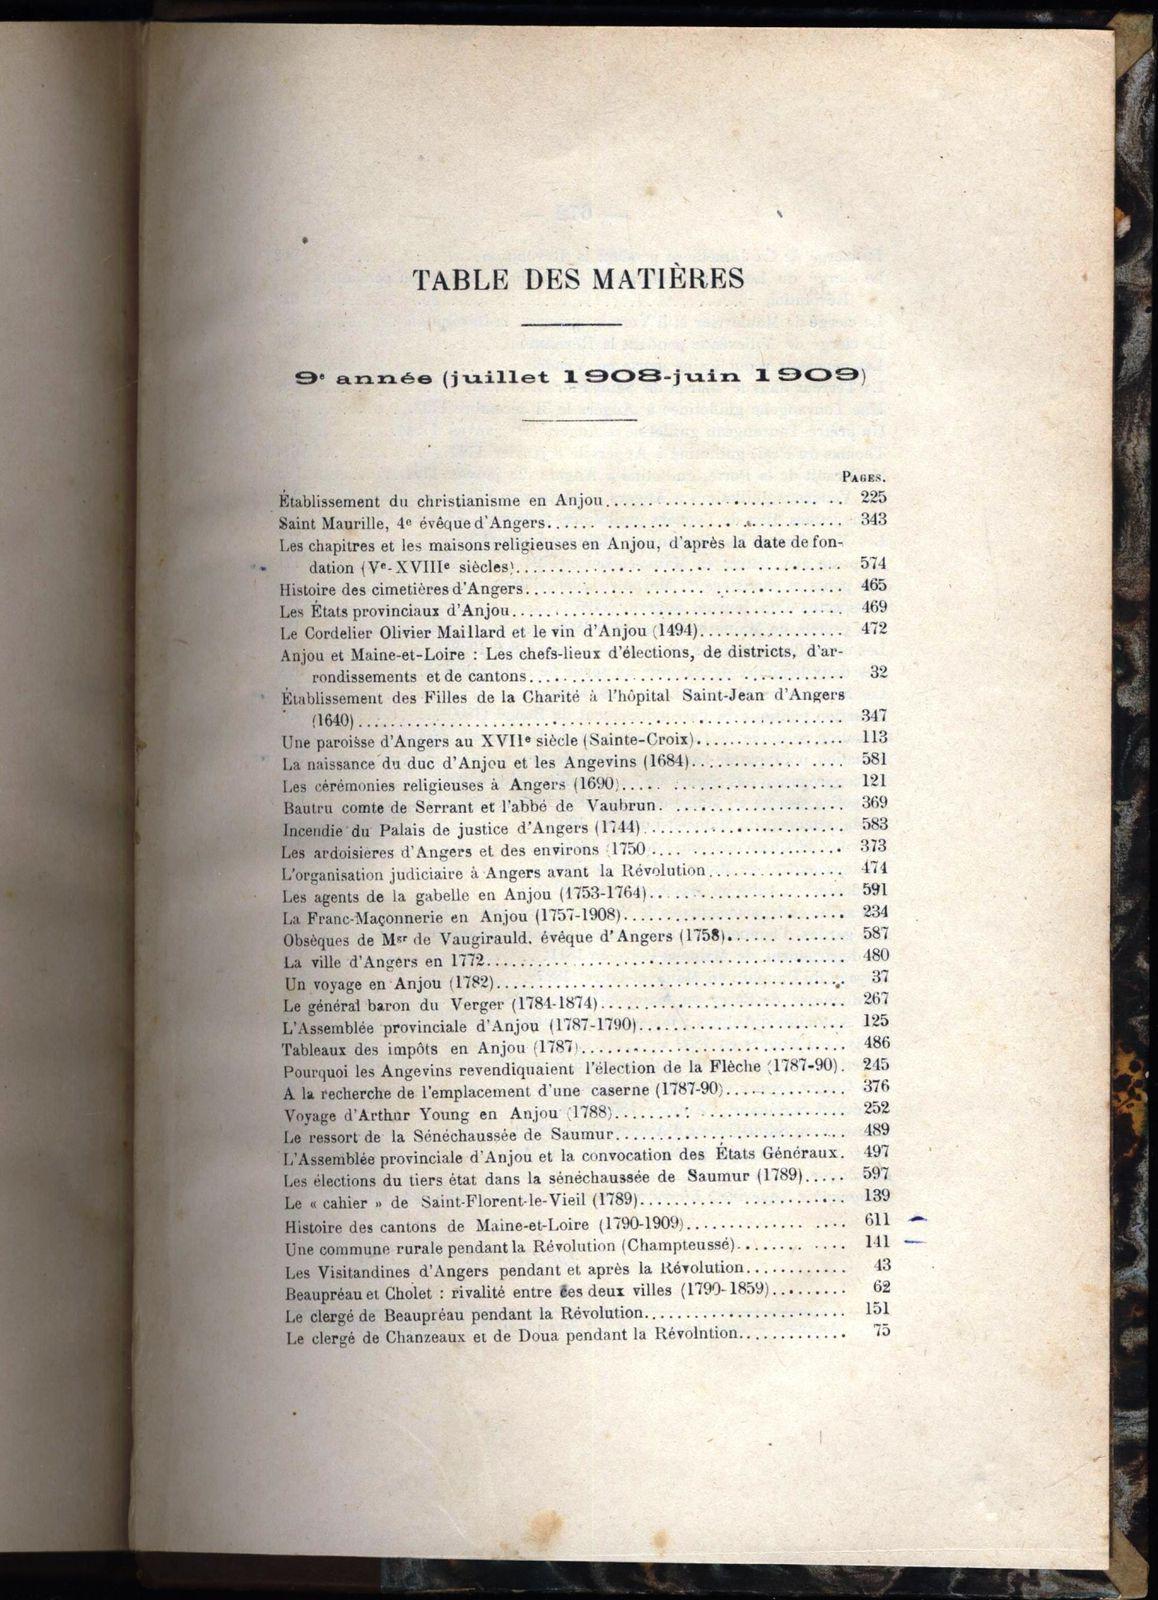 L'Anjou historique reliure 1908-1909